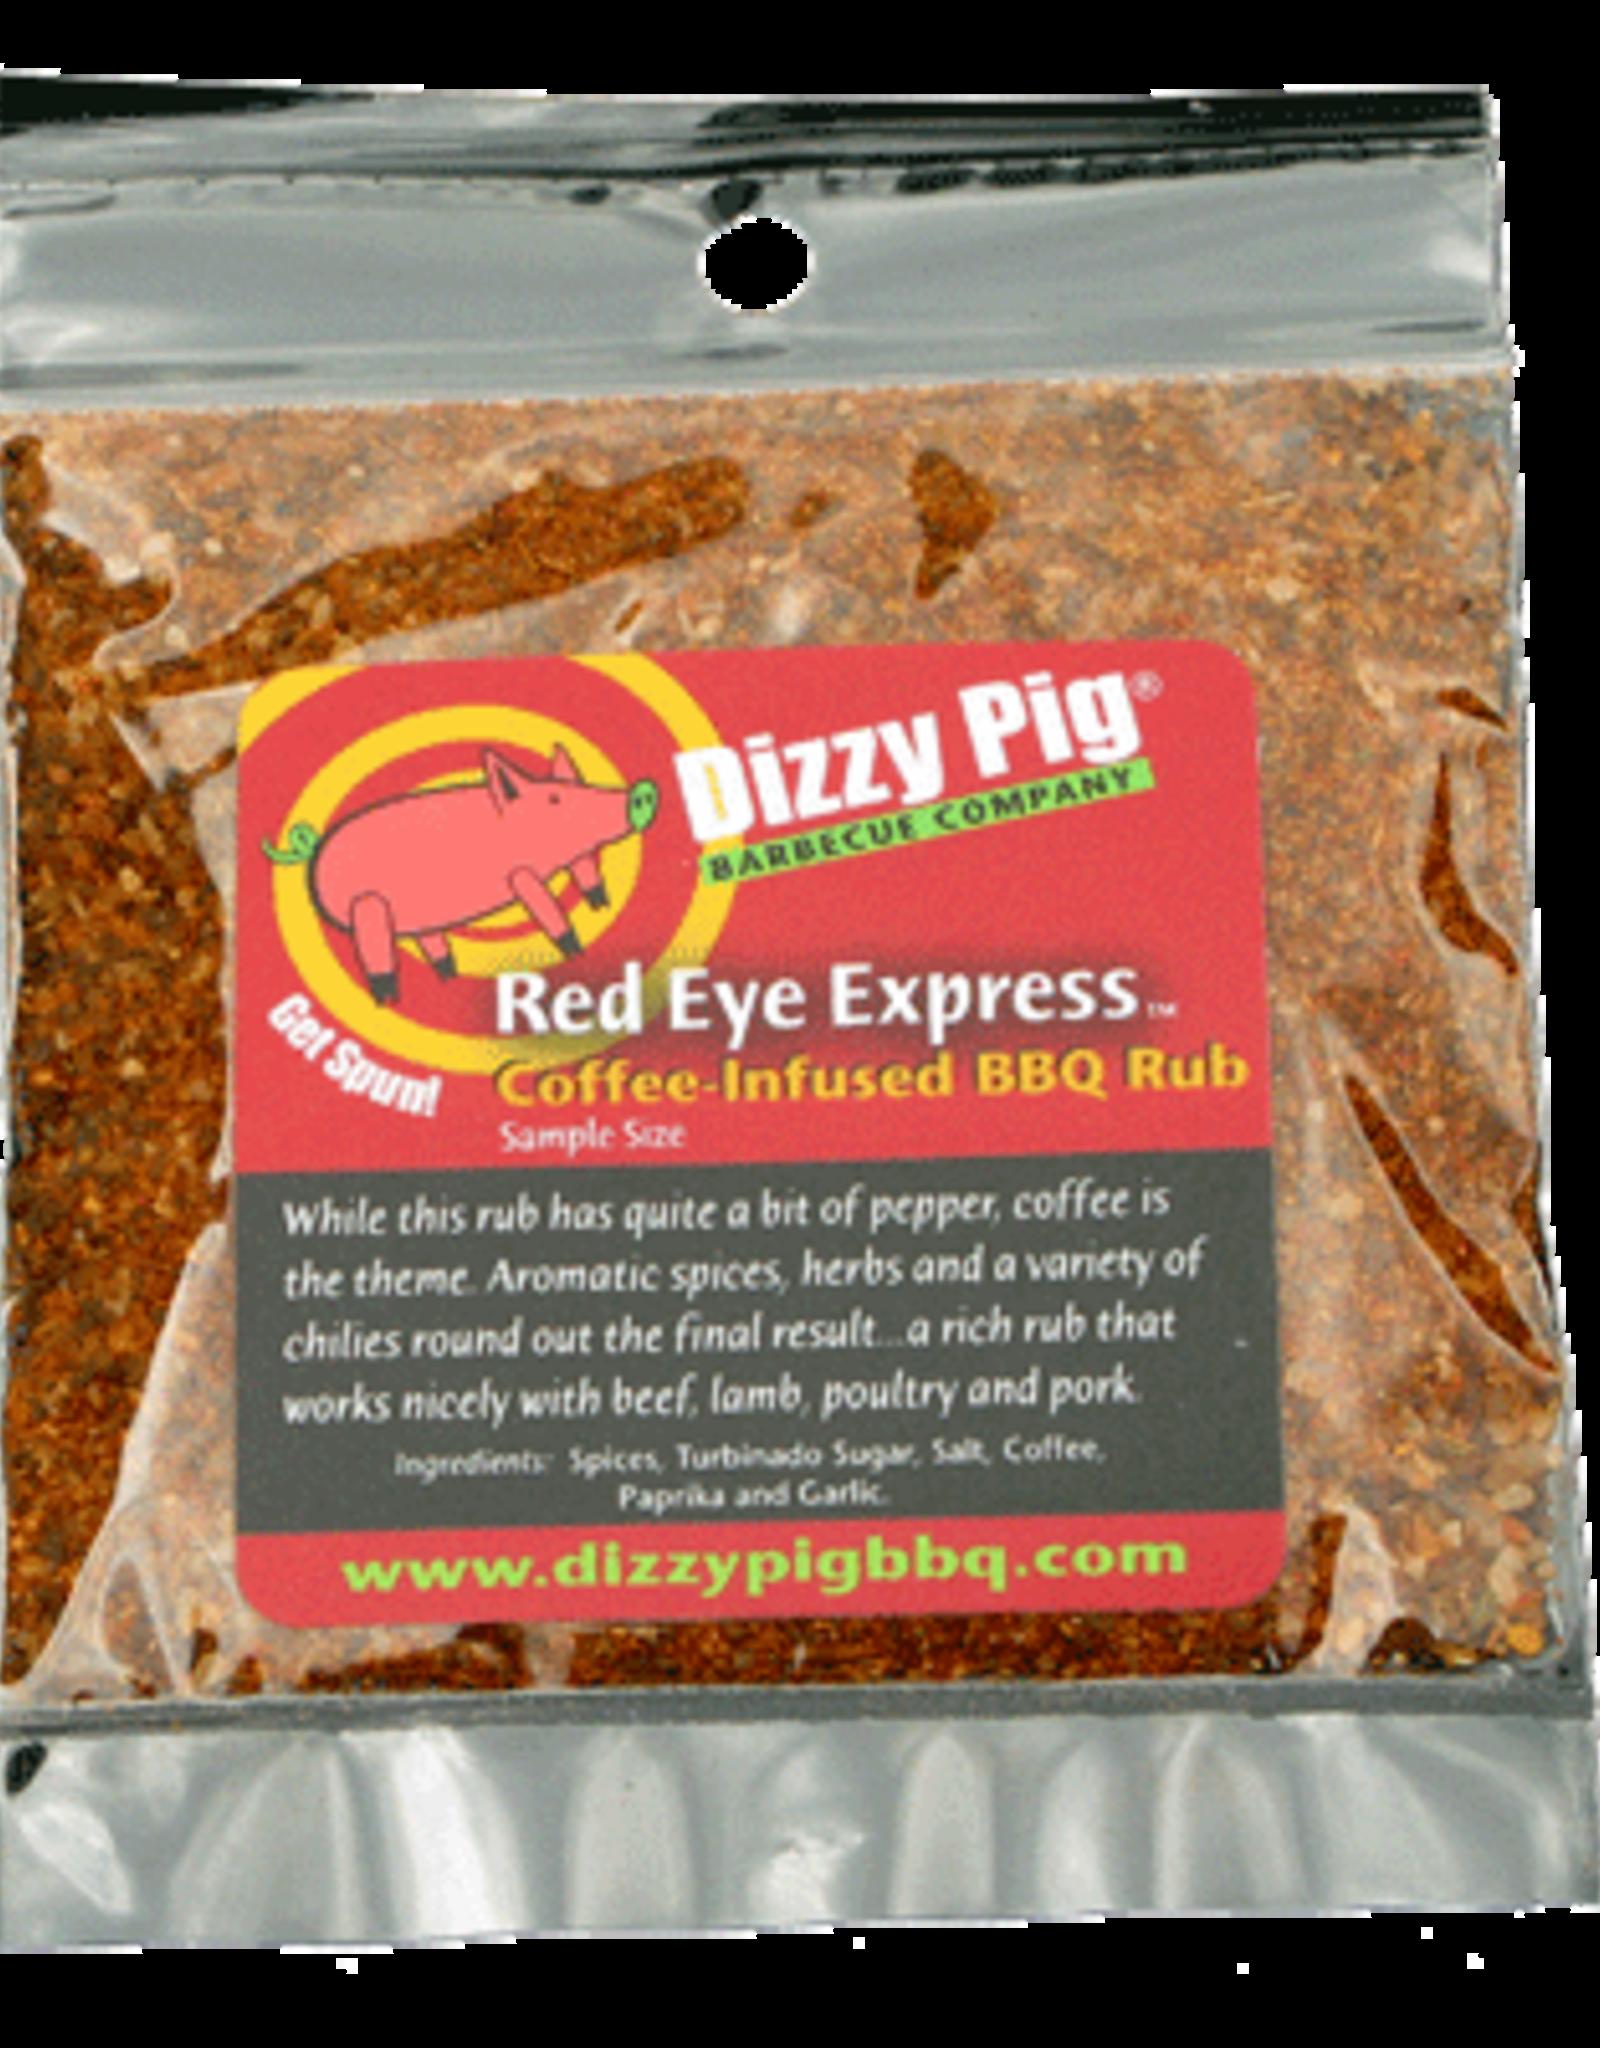 Dizzy Pig Dizzy Pig - Red Eye Express Sample